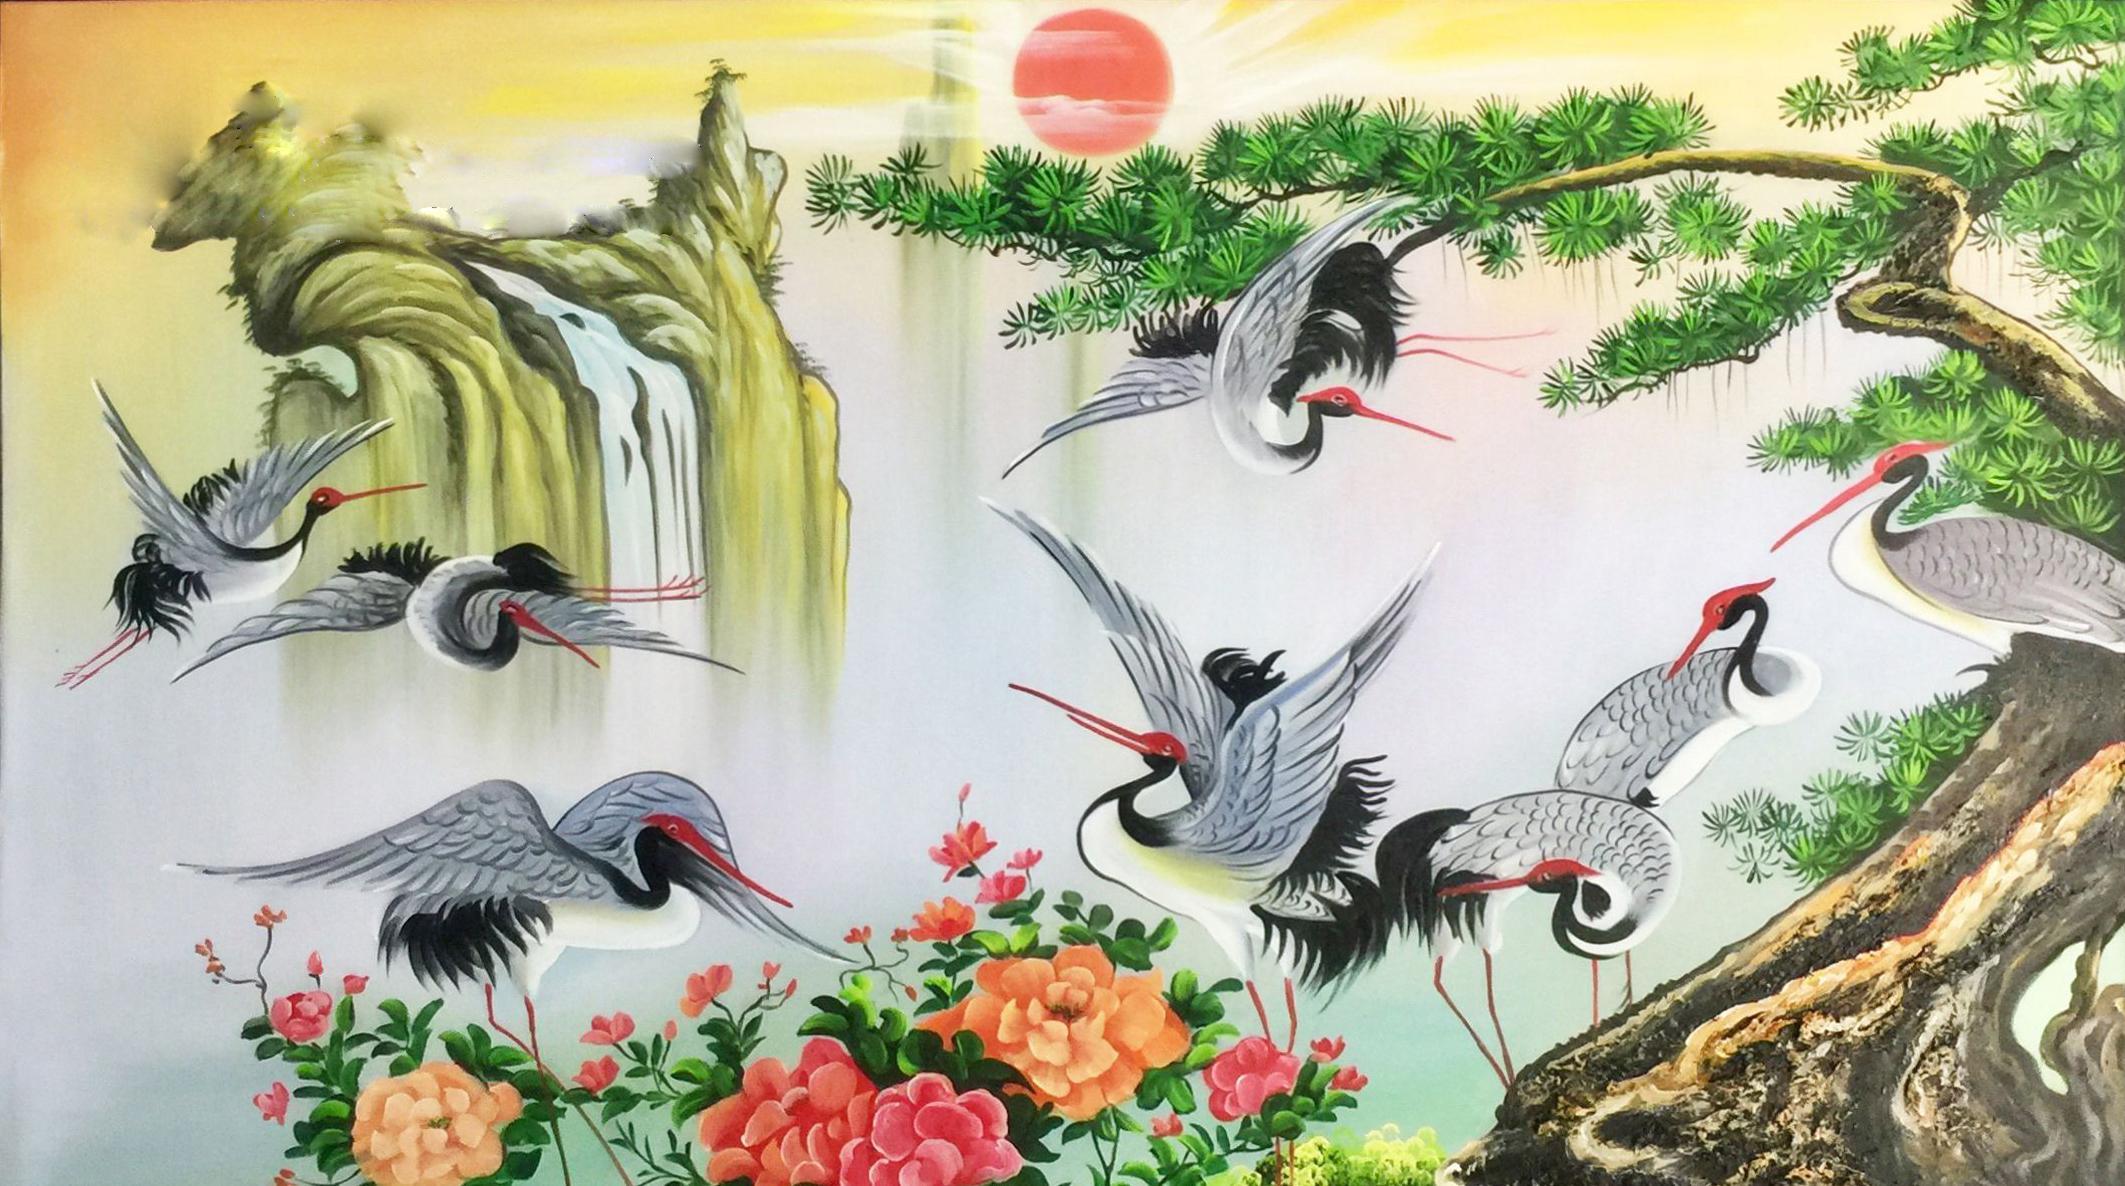 Tranh Tùng Hạc Diên Niên khắc họa hình ảnh cây Tùng-chim Hạc